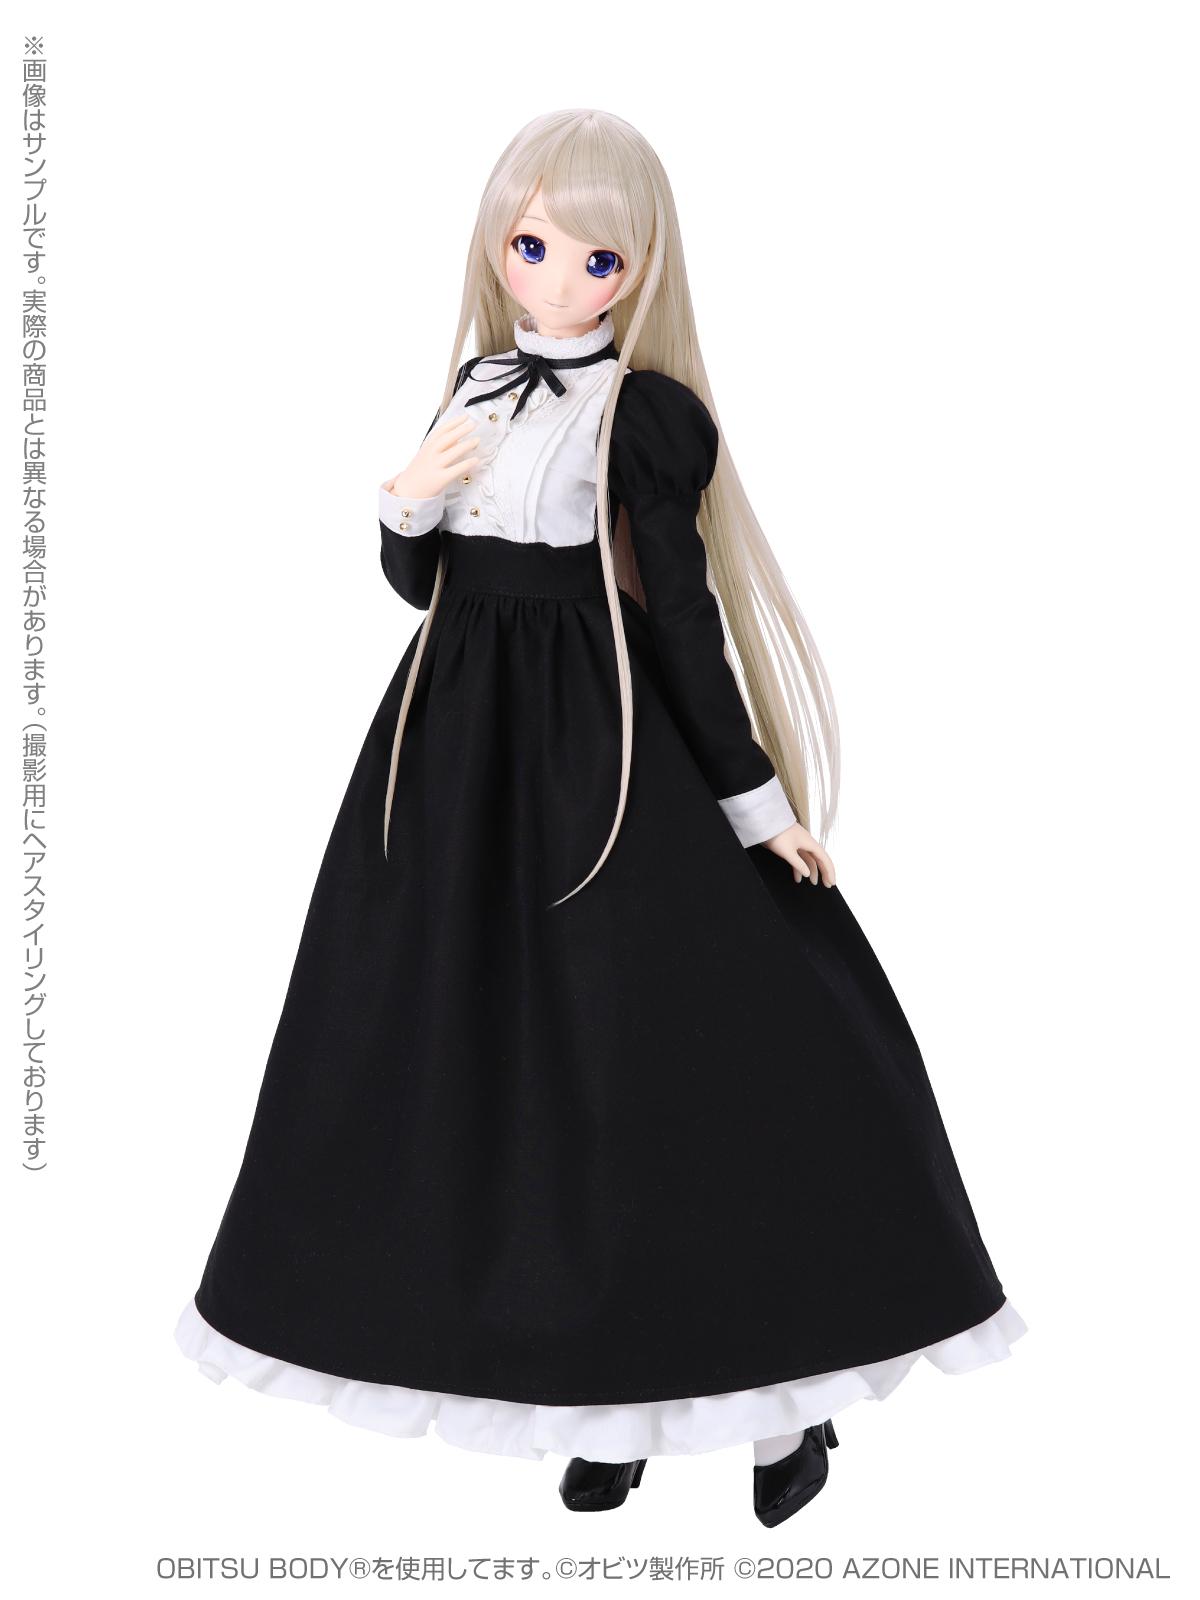 Iris Collect(アイリス コレクト)『ノワ/Classy Maid(Luxe black ver.)クラッシー・メイド(リュクス・ブラックver.)』1/3 完成品ドール-004